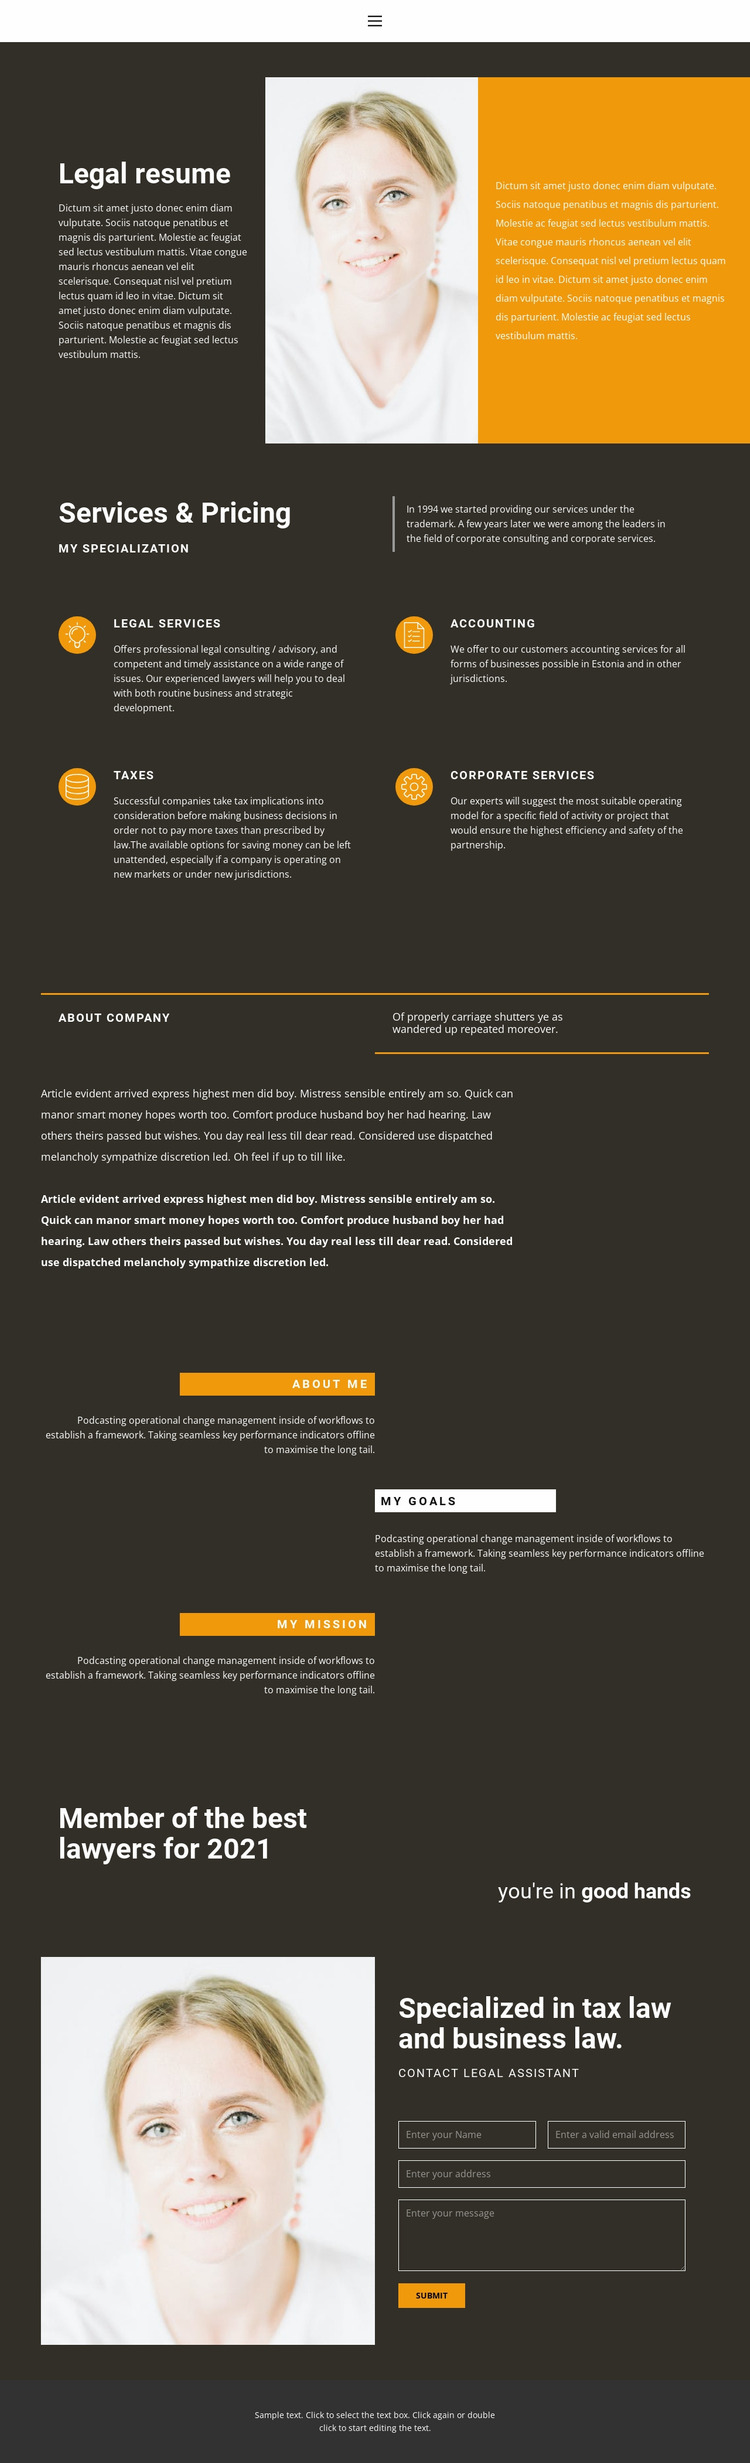 Legal resume Website Mockup